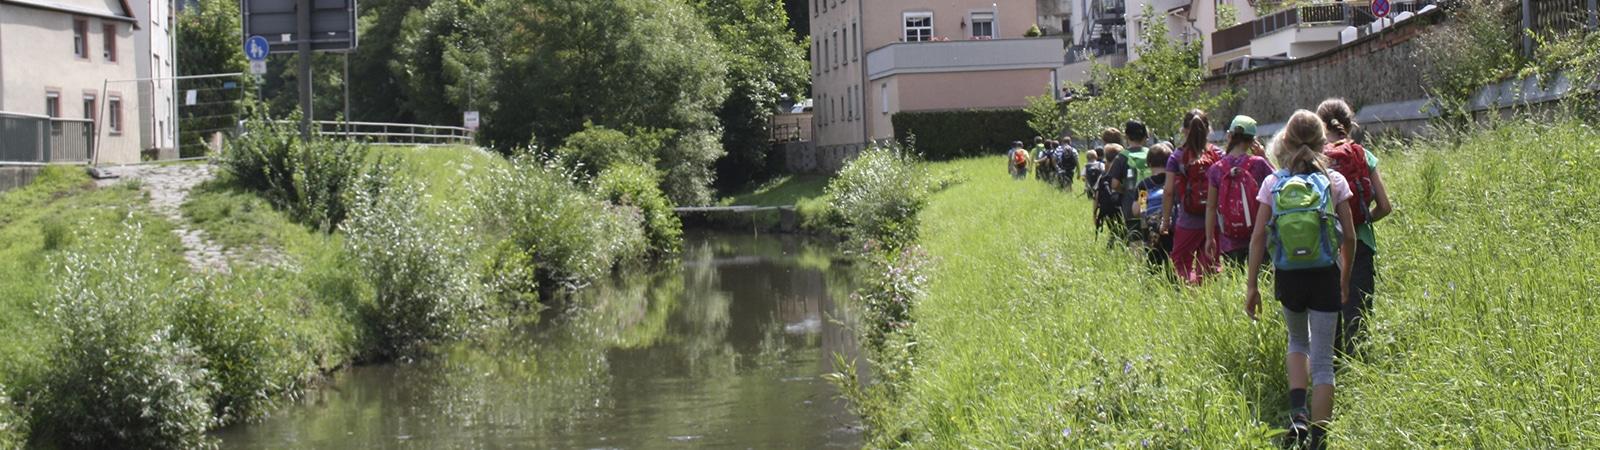 Abenteuer-Feriencamps der TSG Weinheim